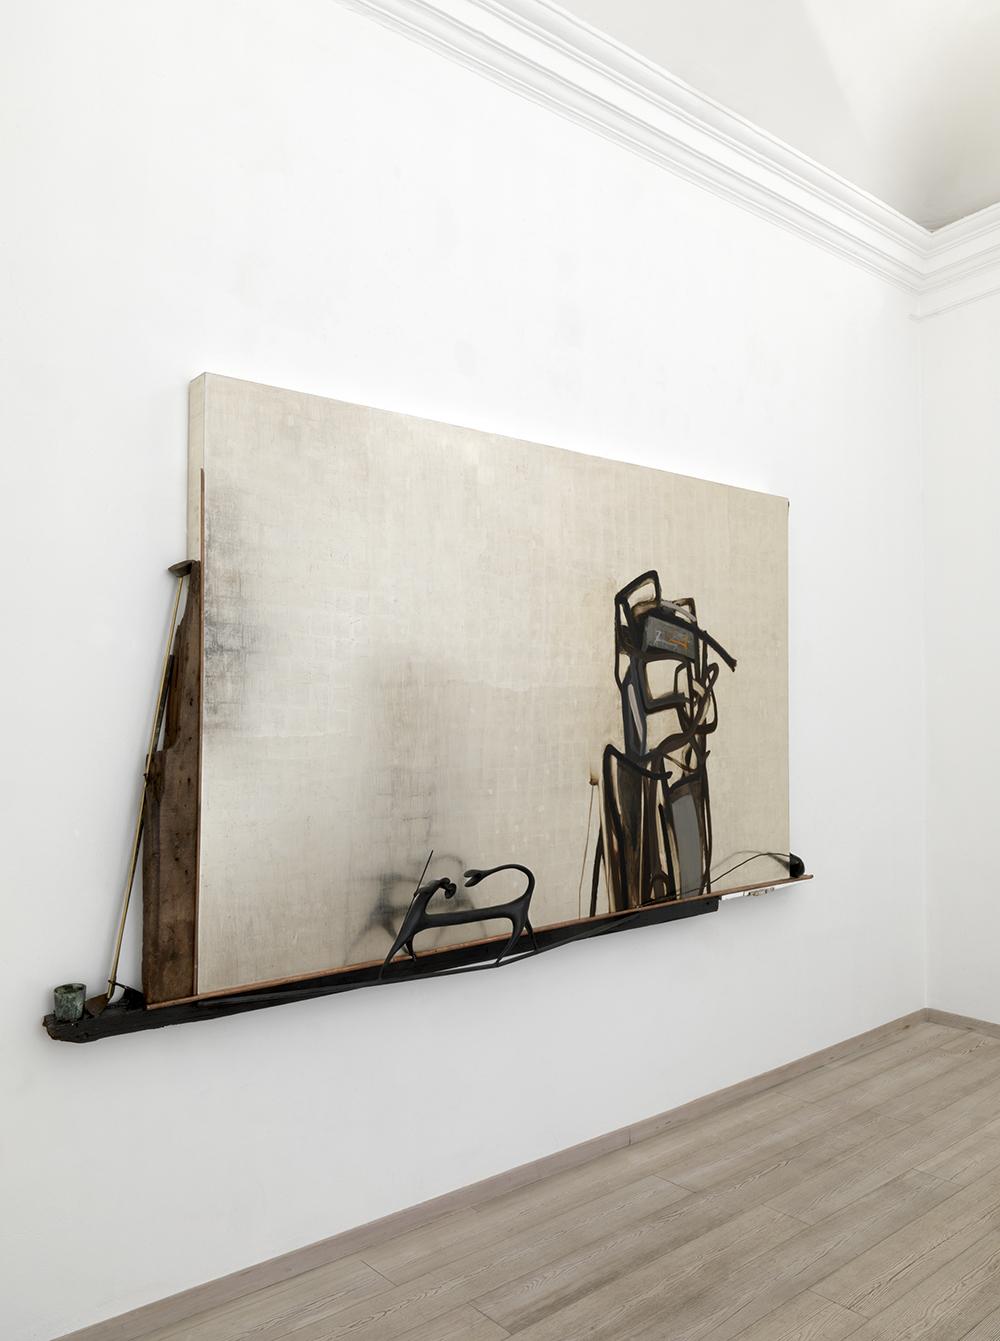 L'occhio di Narciso, 2009, foglia d'oro bianco su legno e tecnica mista, cm 337x183x30